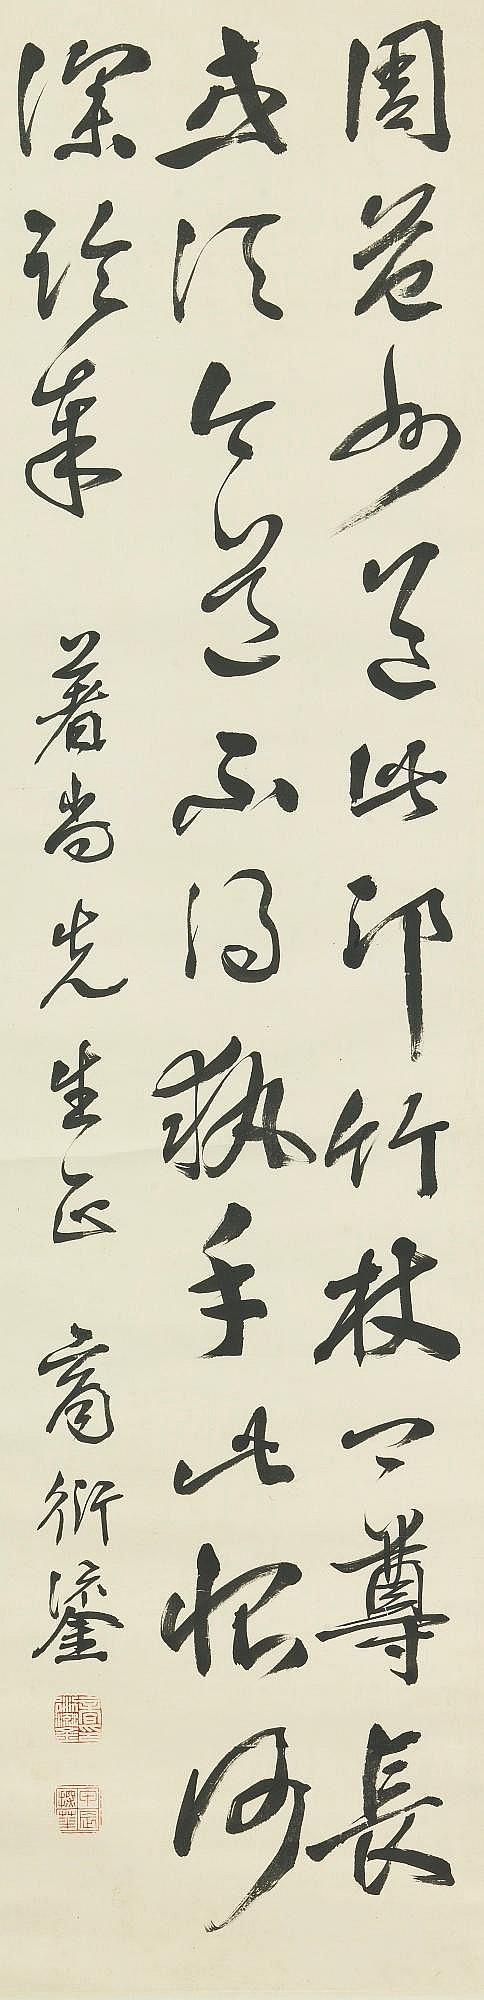 SHANG YANLIU 1875-1963 | CALLIGRAPHY IN CURSIVE SCRIPT